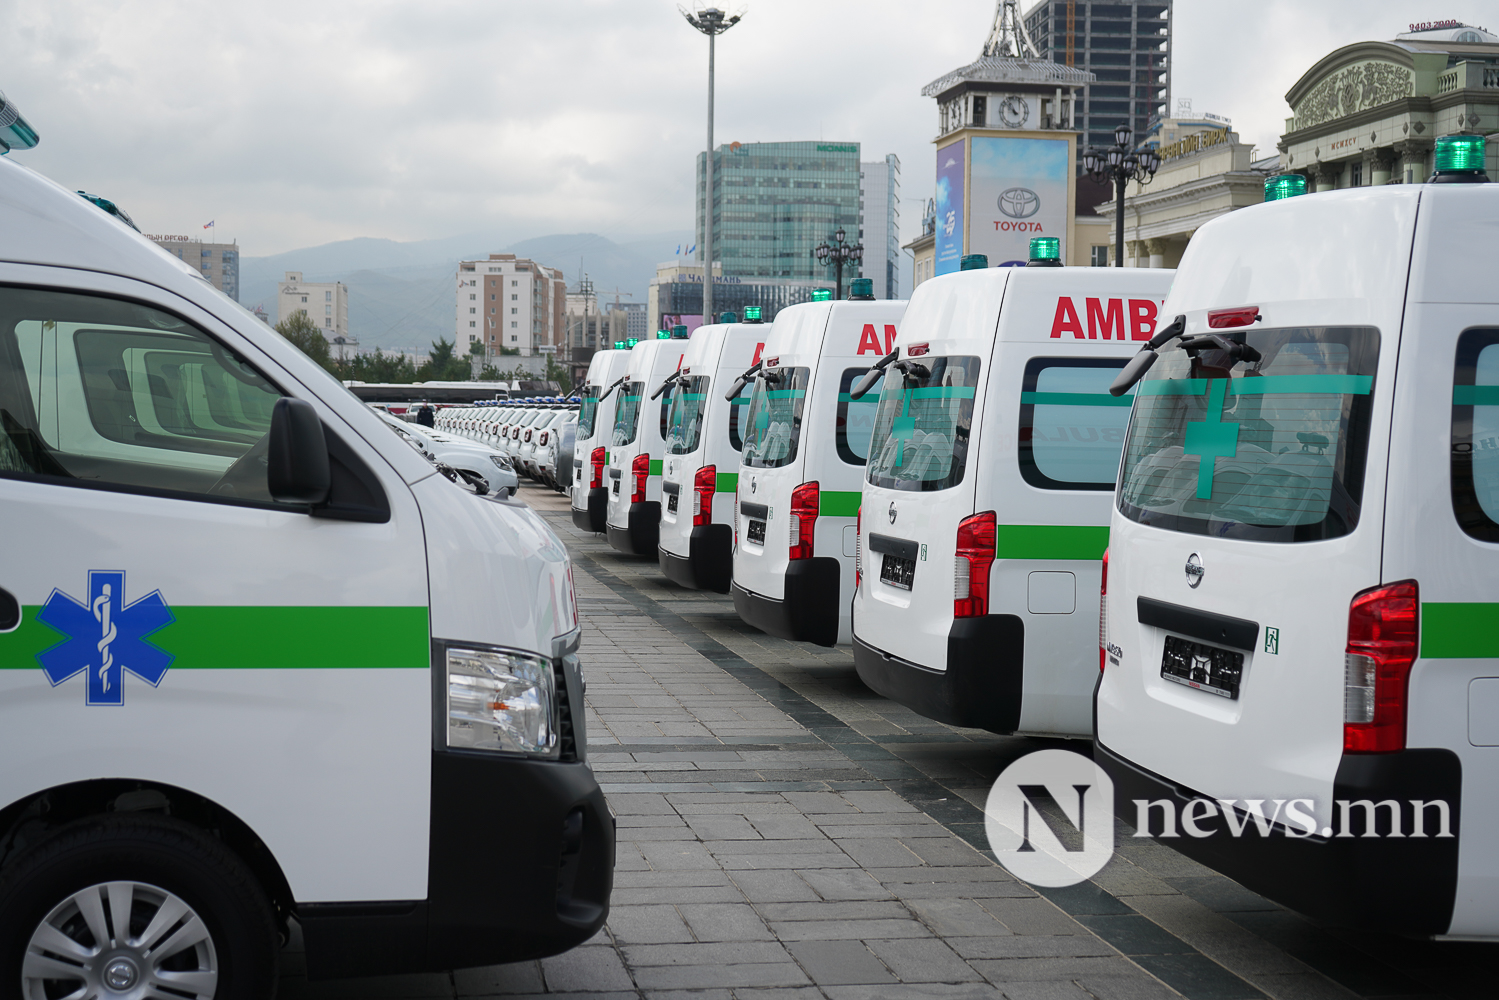 Нийслэлийн эрүүл мэнд, цагдаагийн байгууллагад 92 автомашин гардуулж байна (10 of 45)